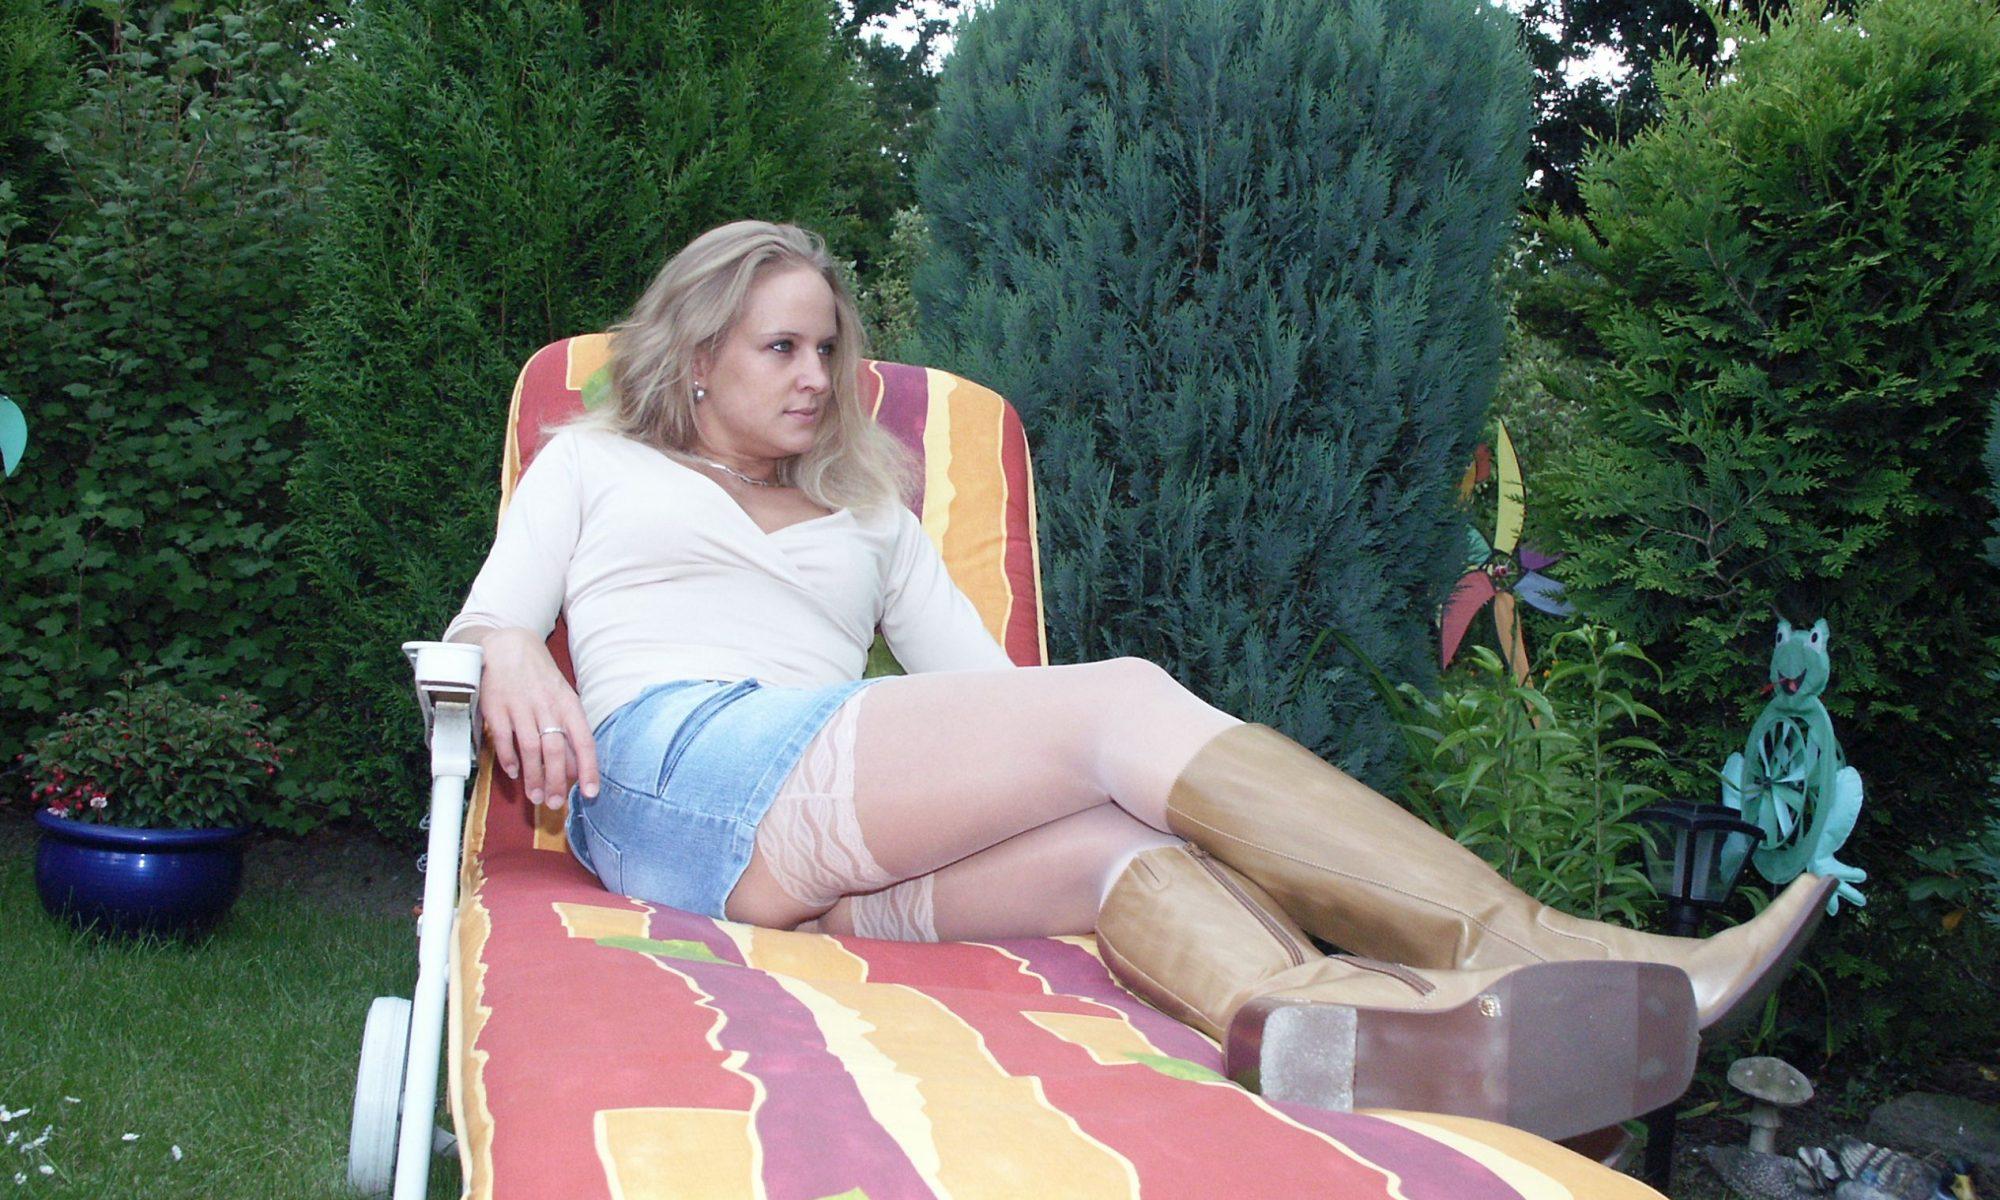 Süße Blondine sucht den freundlichen Fickbuddy